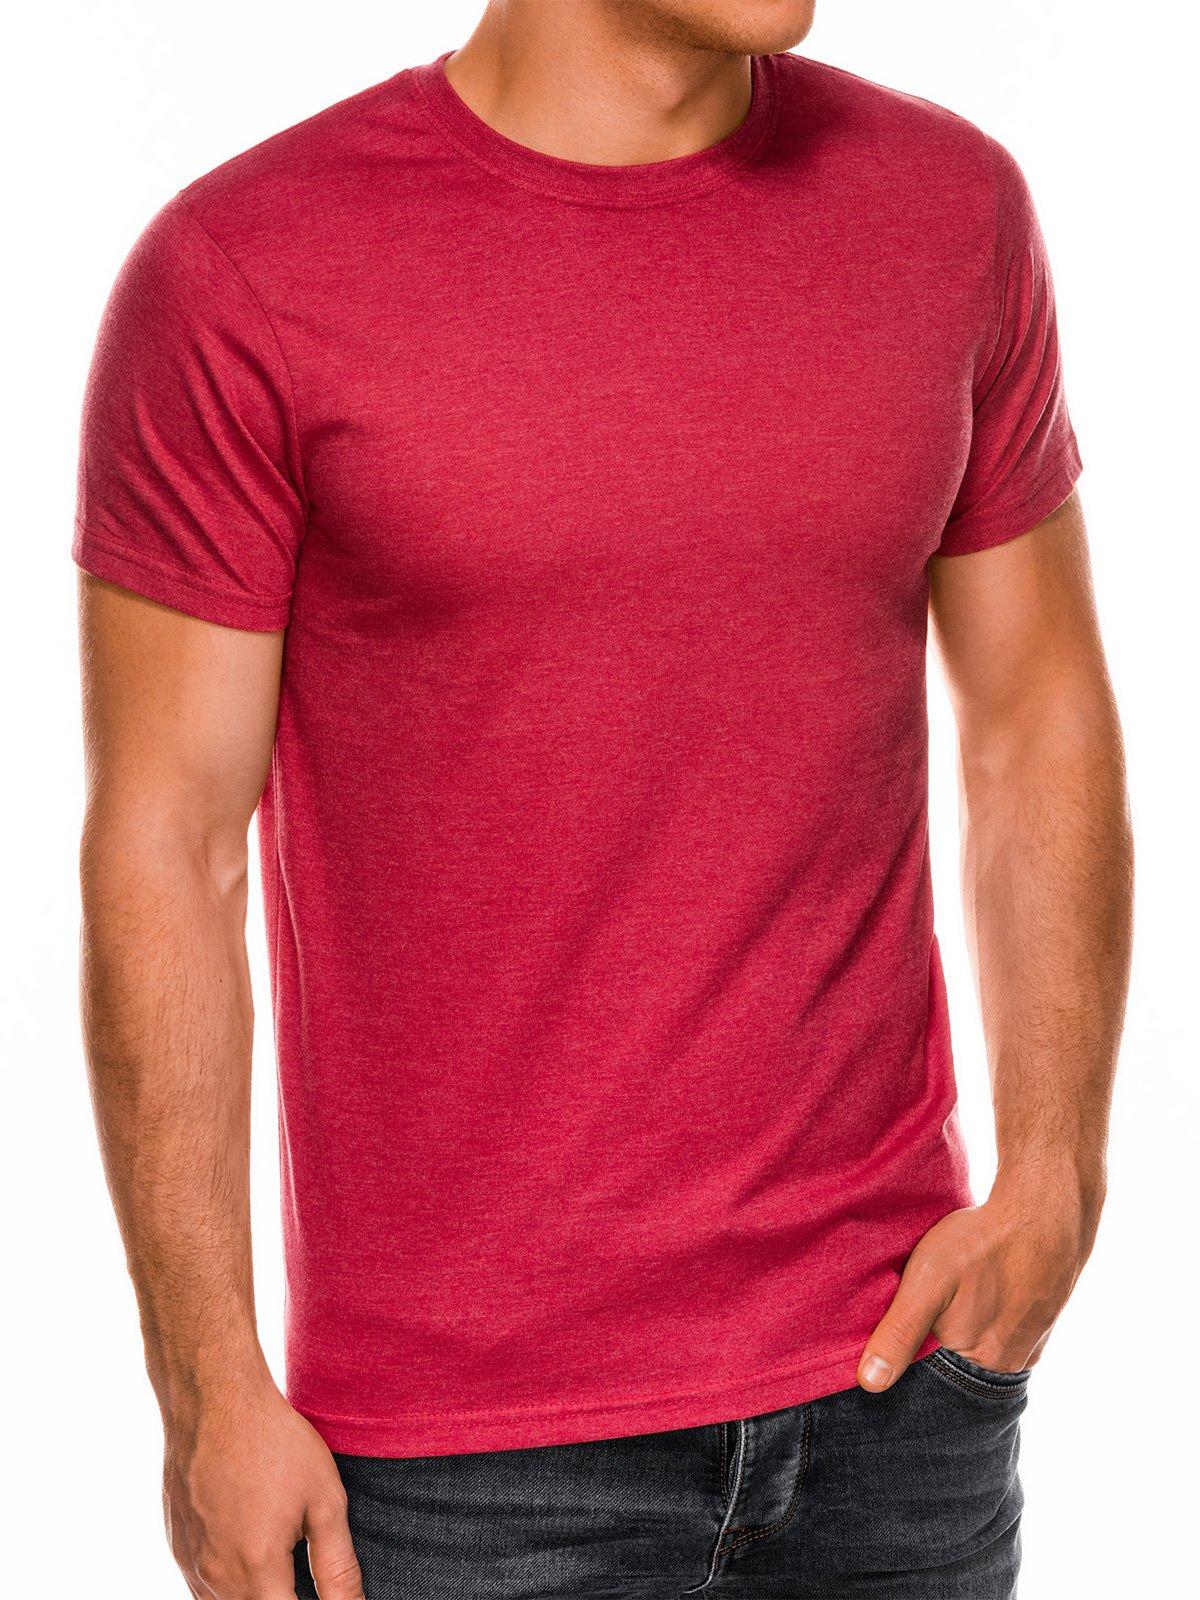 Men's plain t shirt S884 red melange   MODONE wholesale